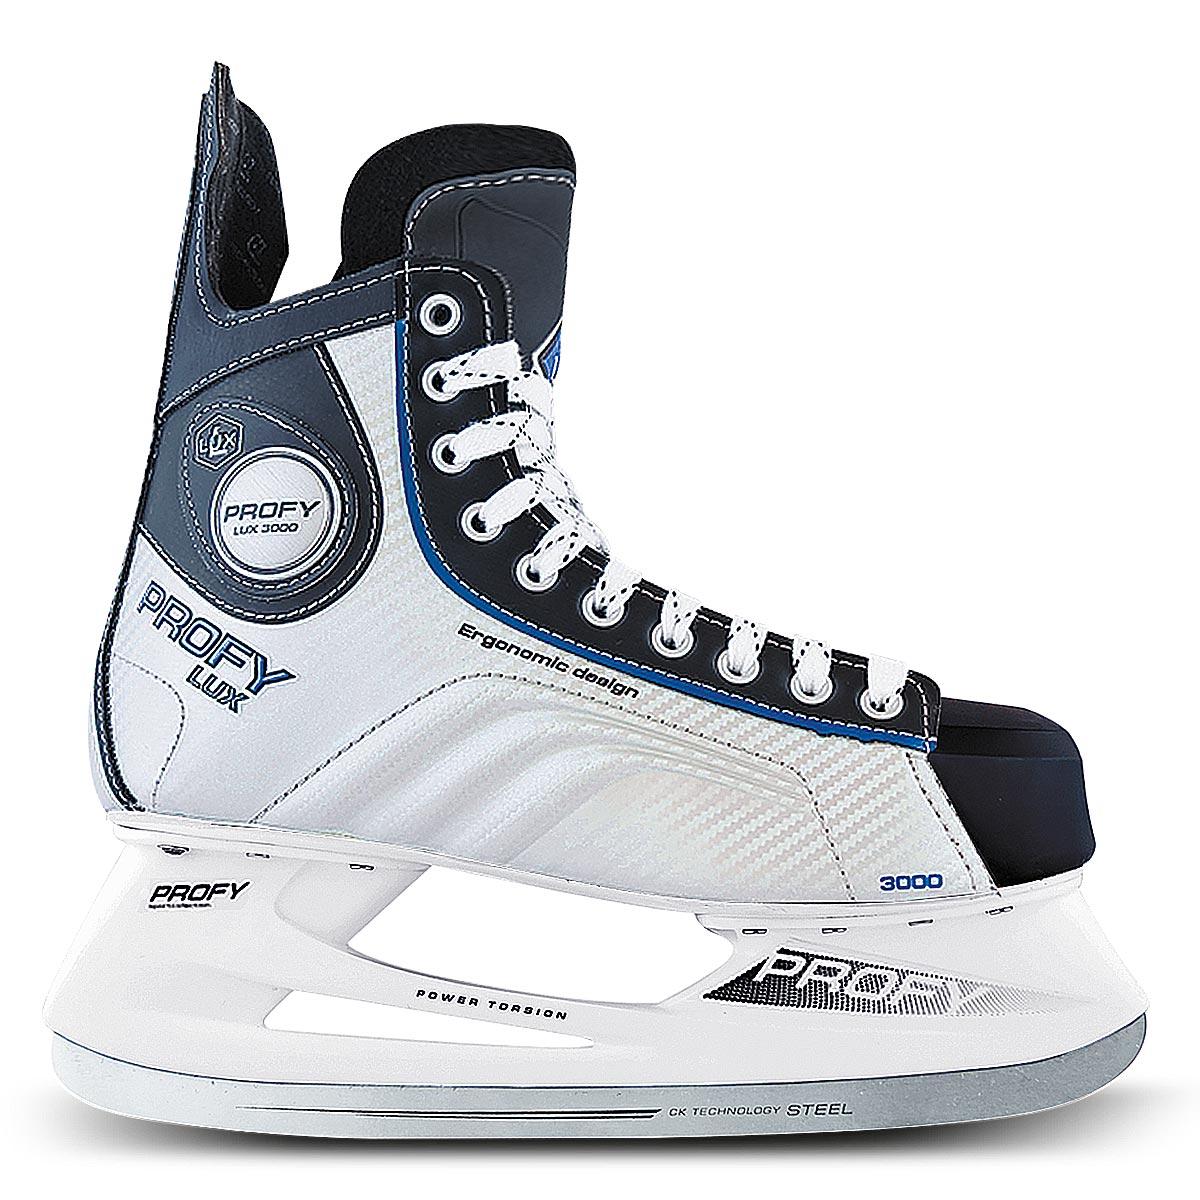 Коньки хоккейные мужские СК Profy Lux 3000, цвет: черный, серебряный, синий. Размер 44PROFY LUX 3000 Blue_44Коньки хоккейные мужские СК Profy Lux 3000 прекрасно подойдут для профессиональных игроков в хоккей. Ботинок выполнен из морозоустойчивой искусственной кожи и специального резистентного ПВХ, а язычок - из двухслойного войлока и искусственной кожи. Слоевая композитная технология позволила изготовить ботинок, полностью обволакивающий ногу. Это обеспечивает прочную и удобную фиксацию ноги, повышает защиту от ударов. Ботинок изготовлен с учетом антропометрии стоп россиян, что обеспечивает комфорт и устойчивость ноги, правильное распределение нагрузки, сильно снижает травмоопасность. Конструкция носка ботинка, изготовленного из ударопрочного энергопоглощающего термопластичного полиуретана Hytrel® (DuPont), обеспечивает увеличенную надежность защиты передней части ступни от ударов. Усиленные боковины ботинка из формованного PVC укрепляют боковую часть ботинка и дополнительно защищают ступню от ударов за счет поглощения энергии. Тип застежки ботинок – классическая шнуровка. Стелька из упругого пенного полимерного материала EVA гарантирует комфортное положение ноги в ботинке, обеспечивает быструю адаптацию ботинка к индивидуальным формам ноги, не теряет упругости при изменении температуры и не разрушается от воздействия пота и влаги. Легкая прочная низкопрофильная полимерная подошва инжекционного формования практически без потерь передает энергию от толчка ноги к лезвию – быстрее набор скорости, резче повороты и остановки, острее чувство льда. Лезвие из нержавеющей стали 420J обеспечит превосходное скольжение.